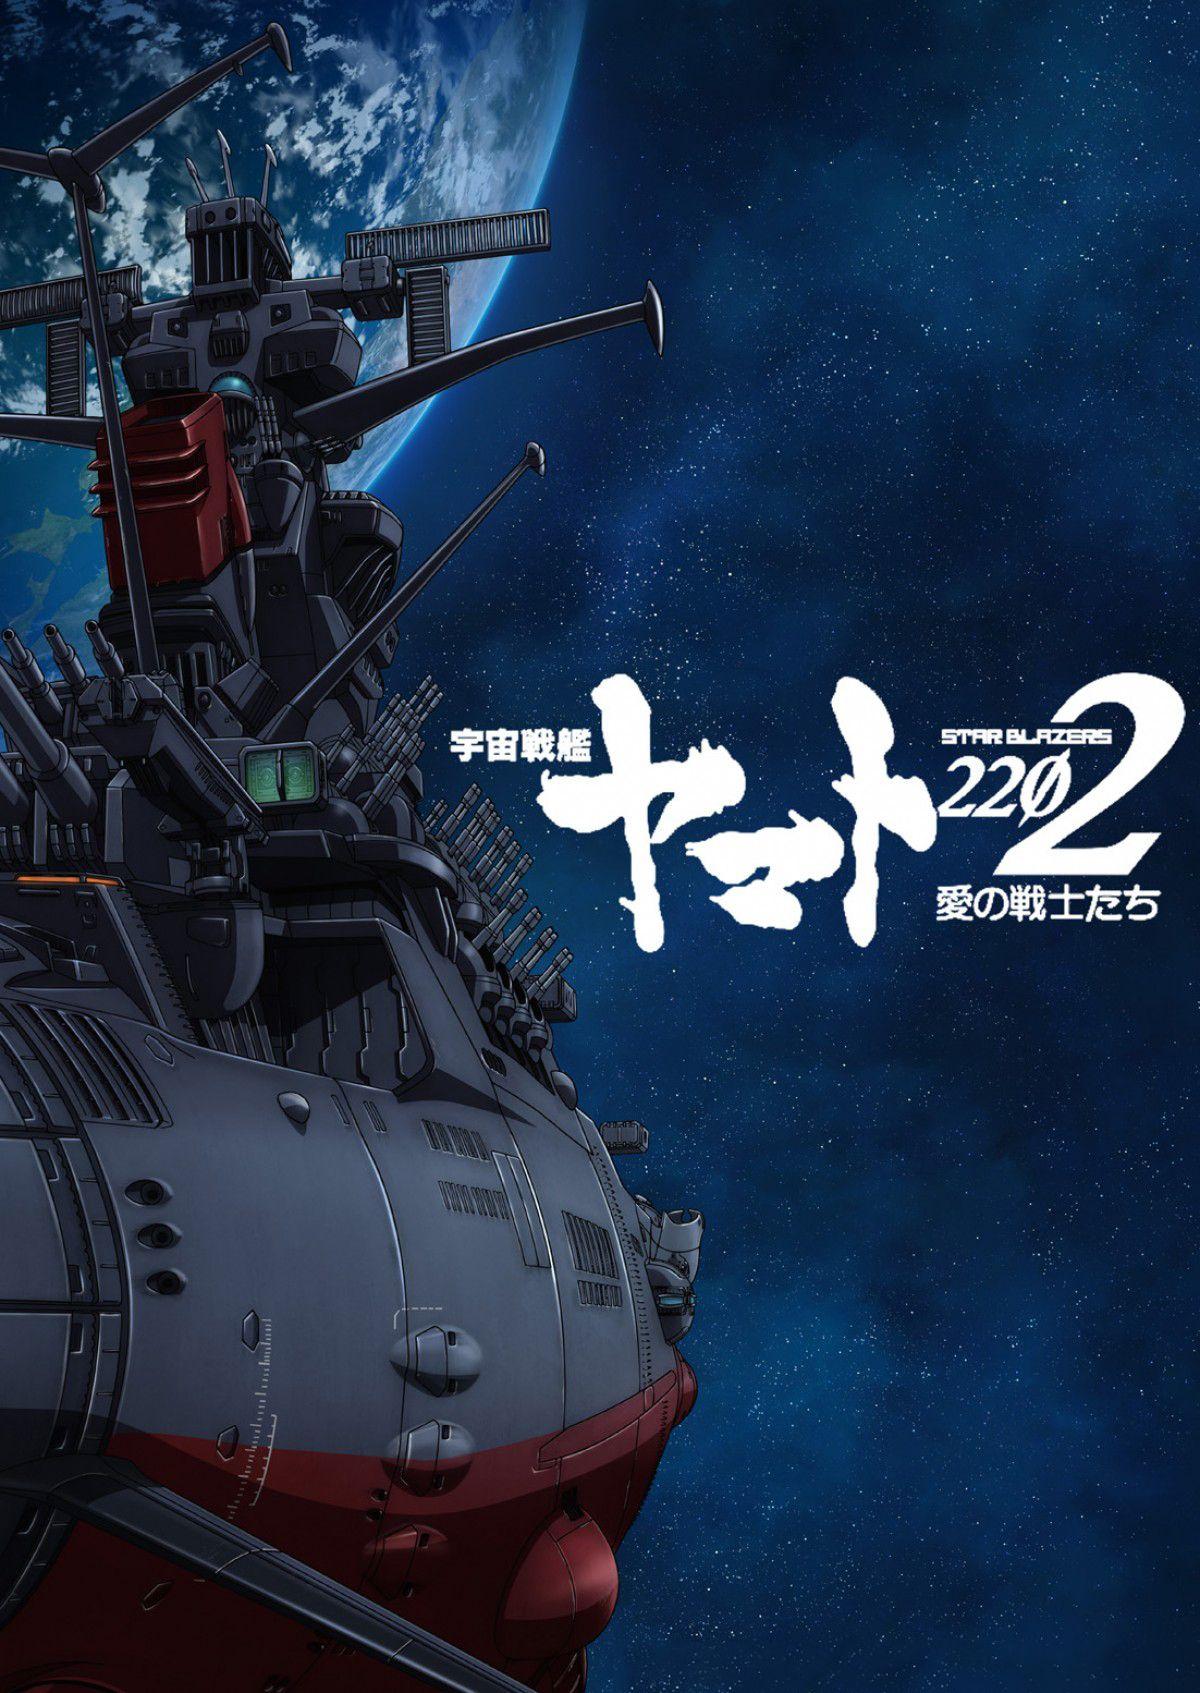 宇宙戦艦ヤマト2202 愛の戦士たち 宇宙戦艦, 戦艦ヤマト, 戦艦